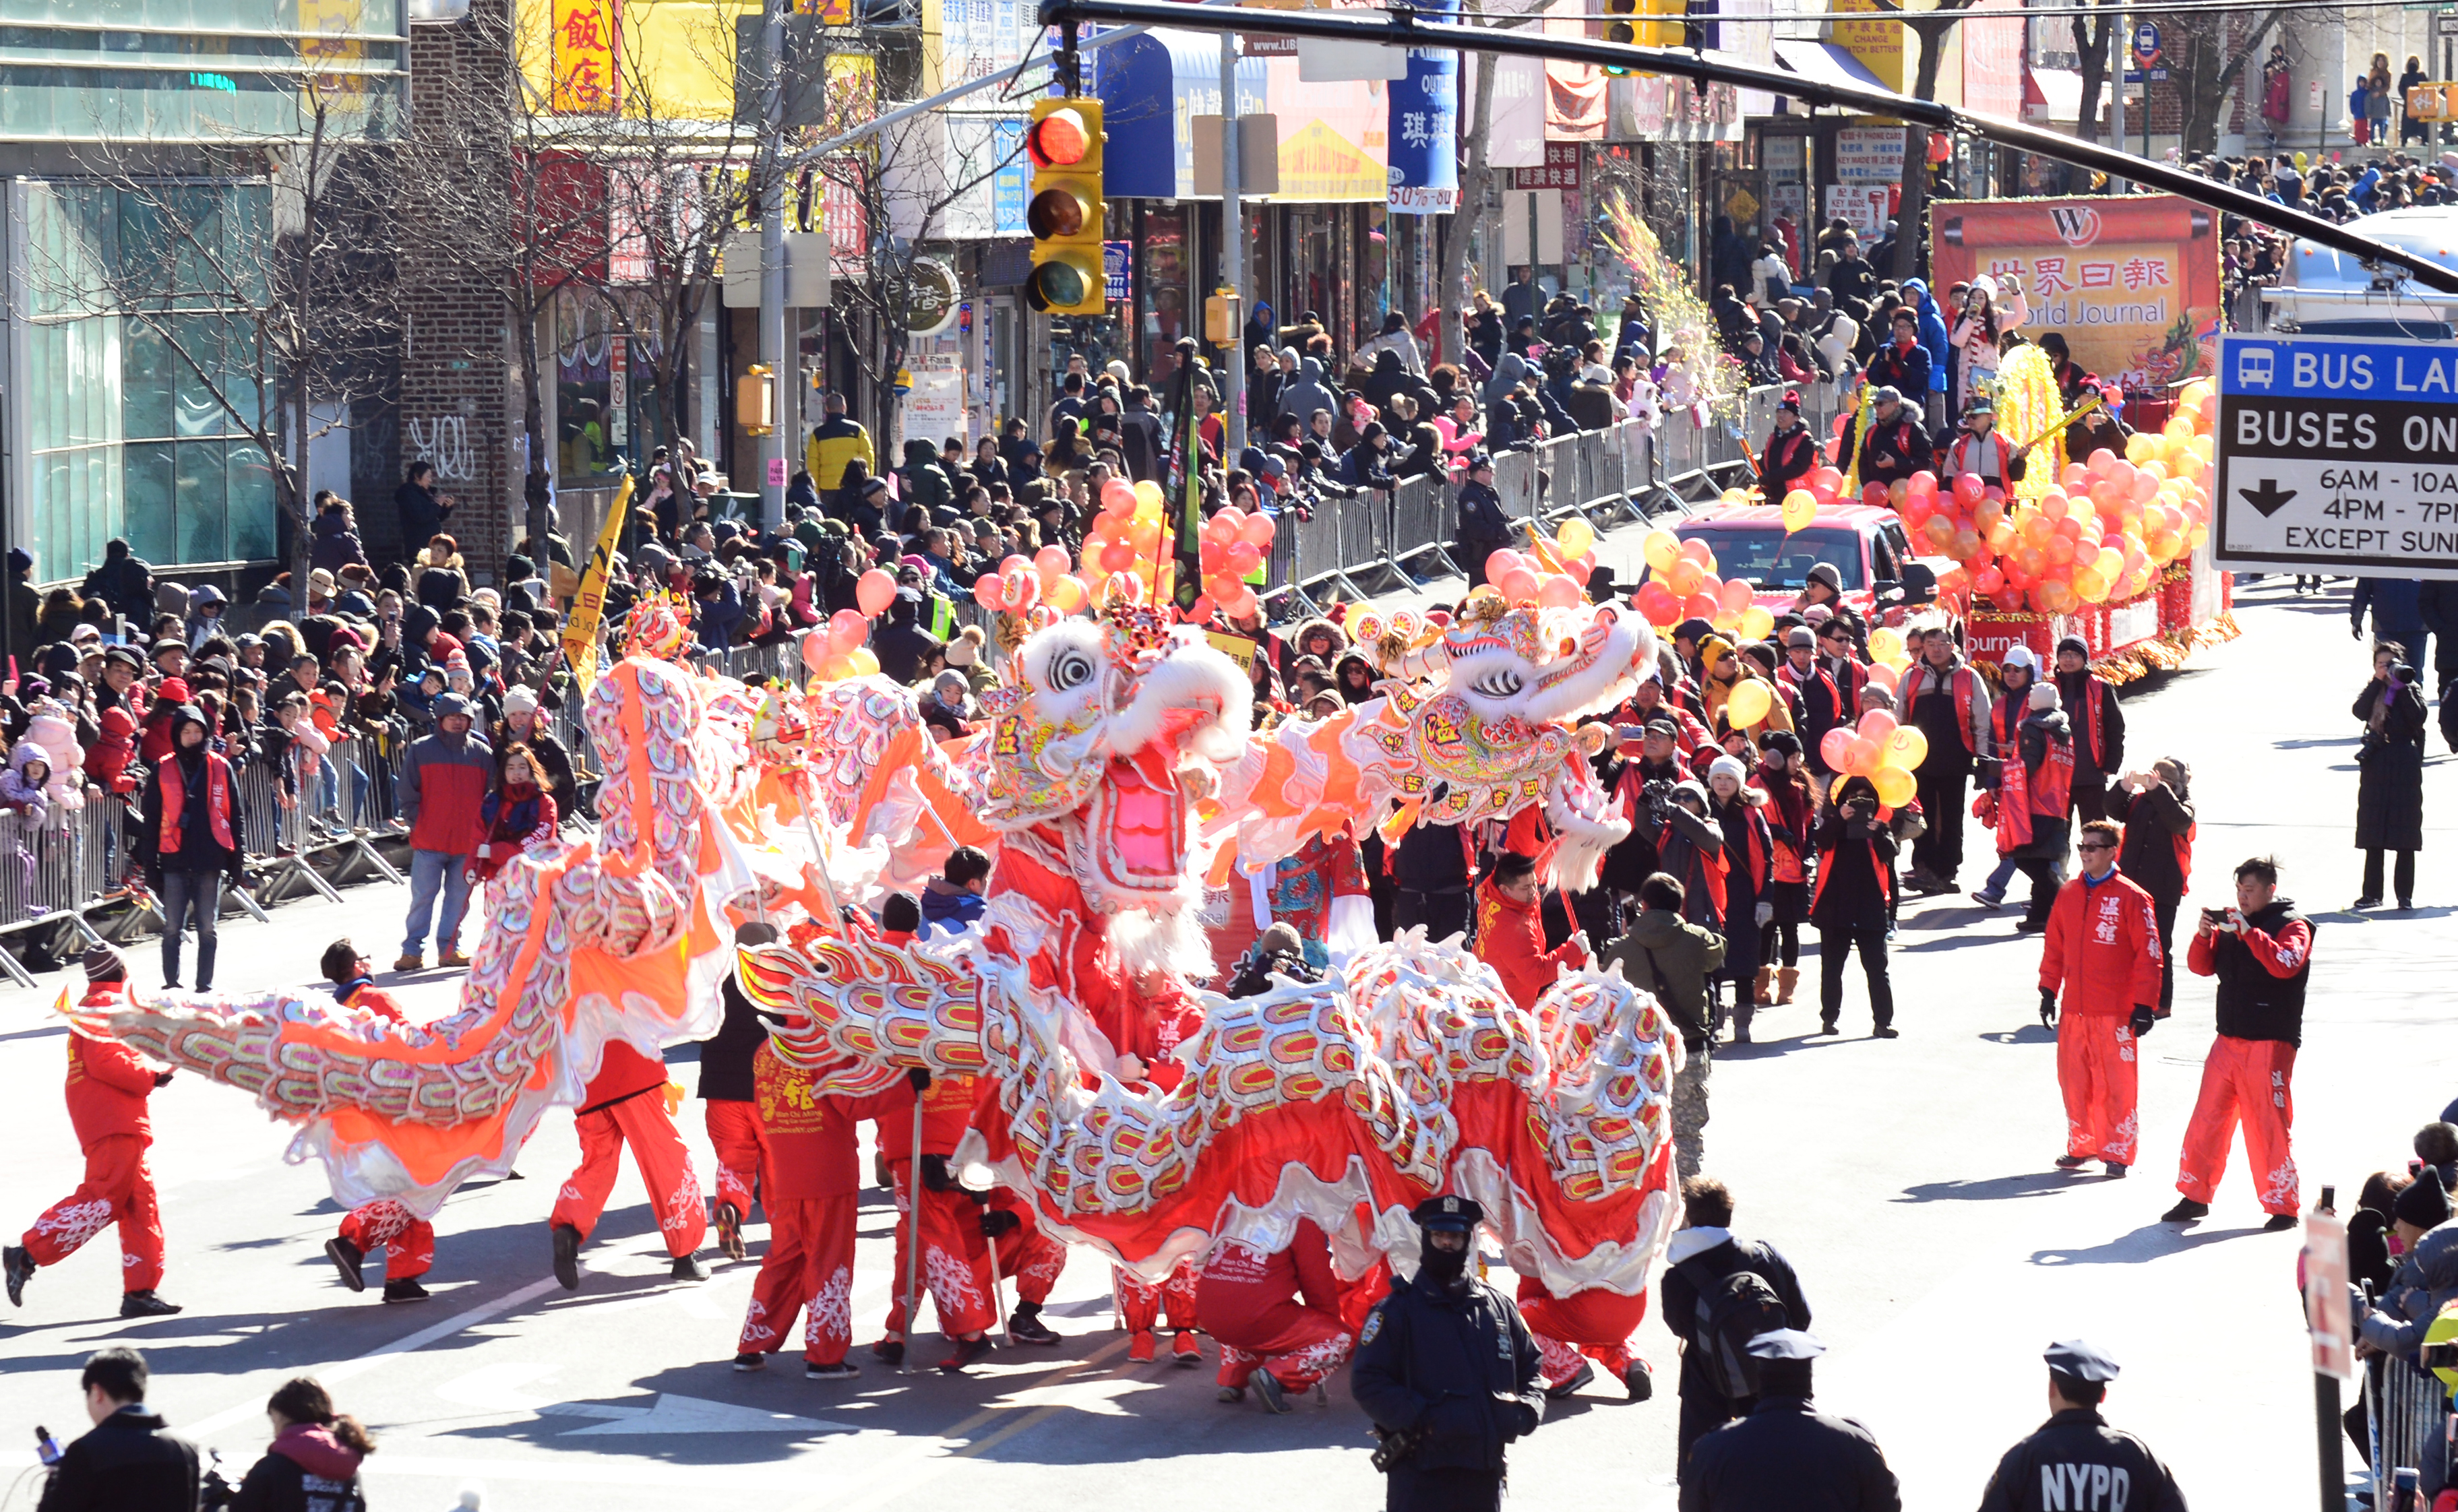 2017年法拉盛新春遊行世界日報隊伍中的舞龍增添喜慶氛圍